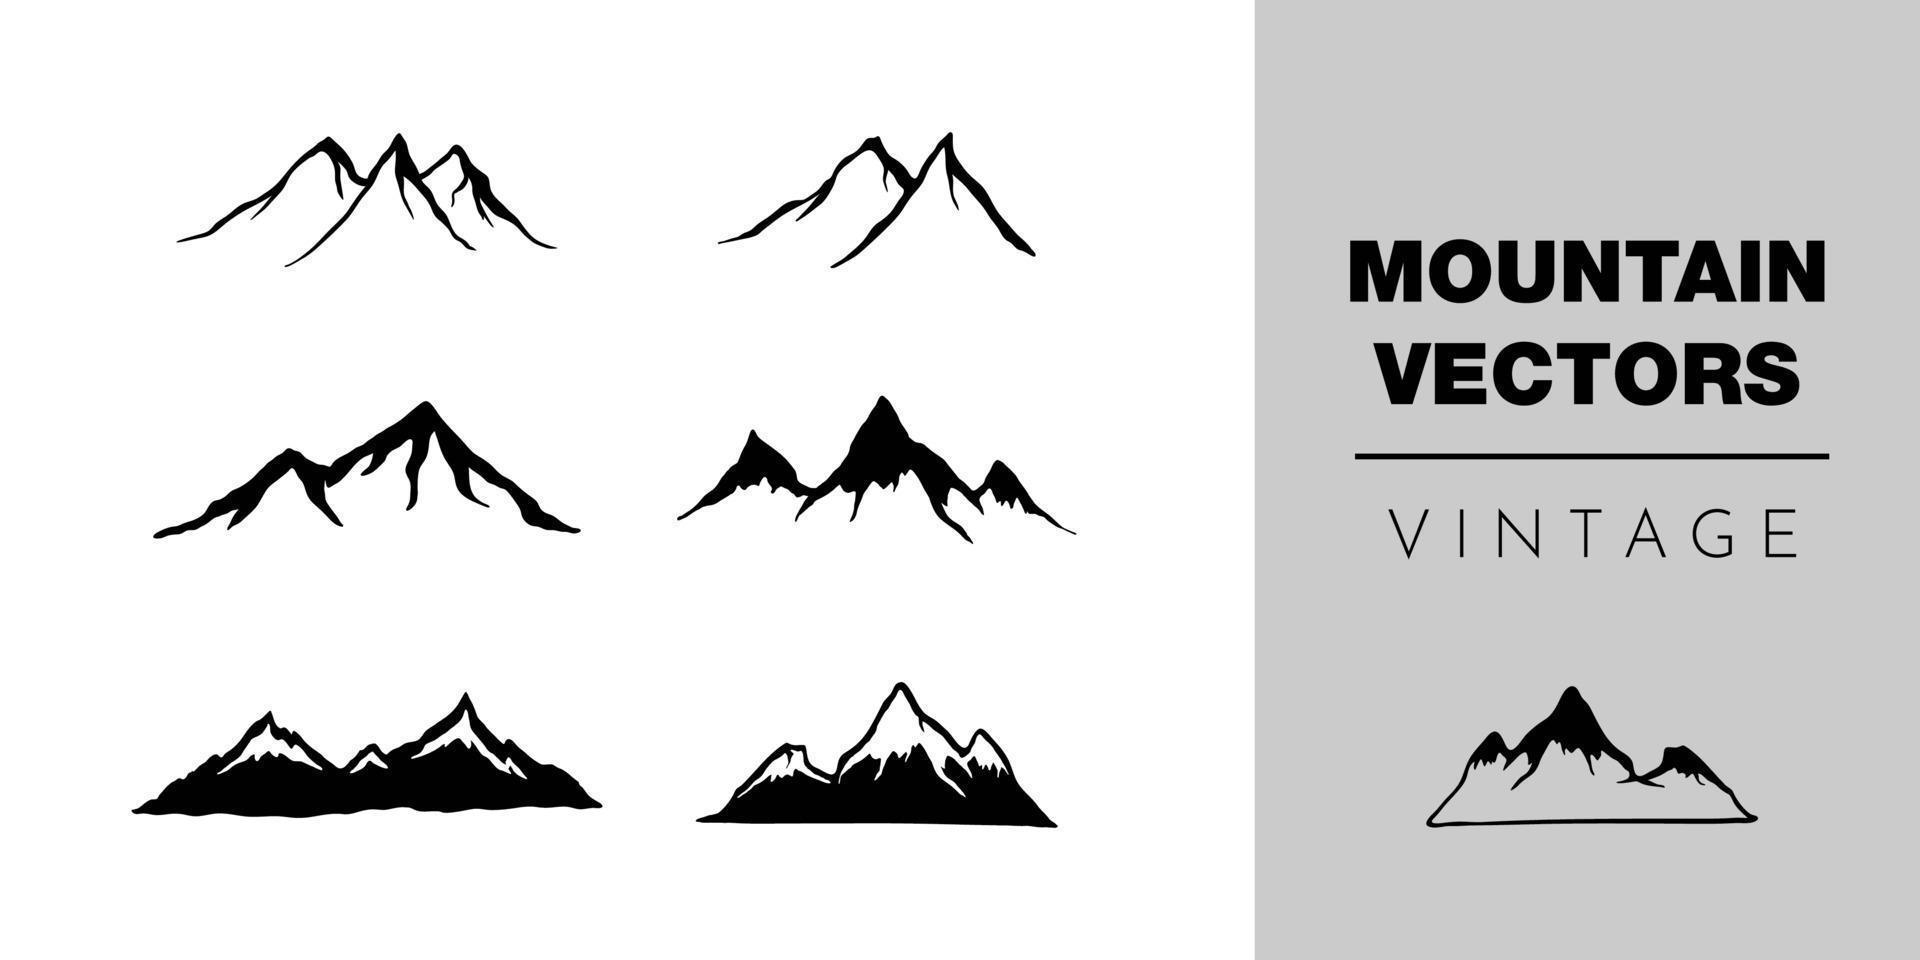 raccolta di vettore di montagna vintage, illustrazioni di sagoma icona